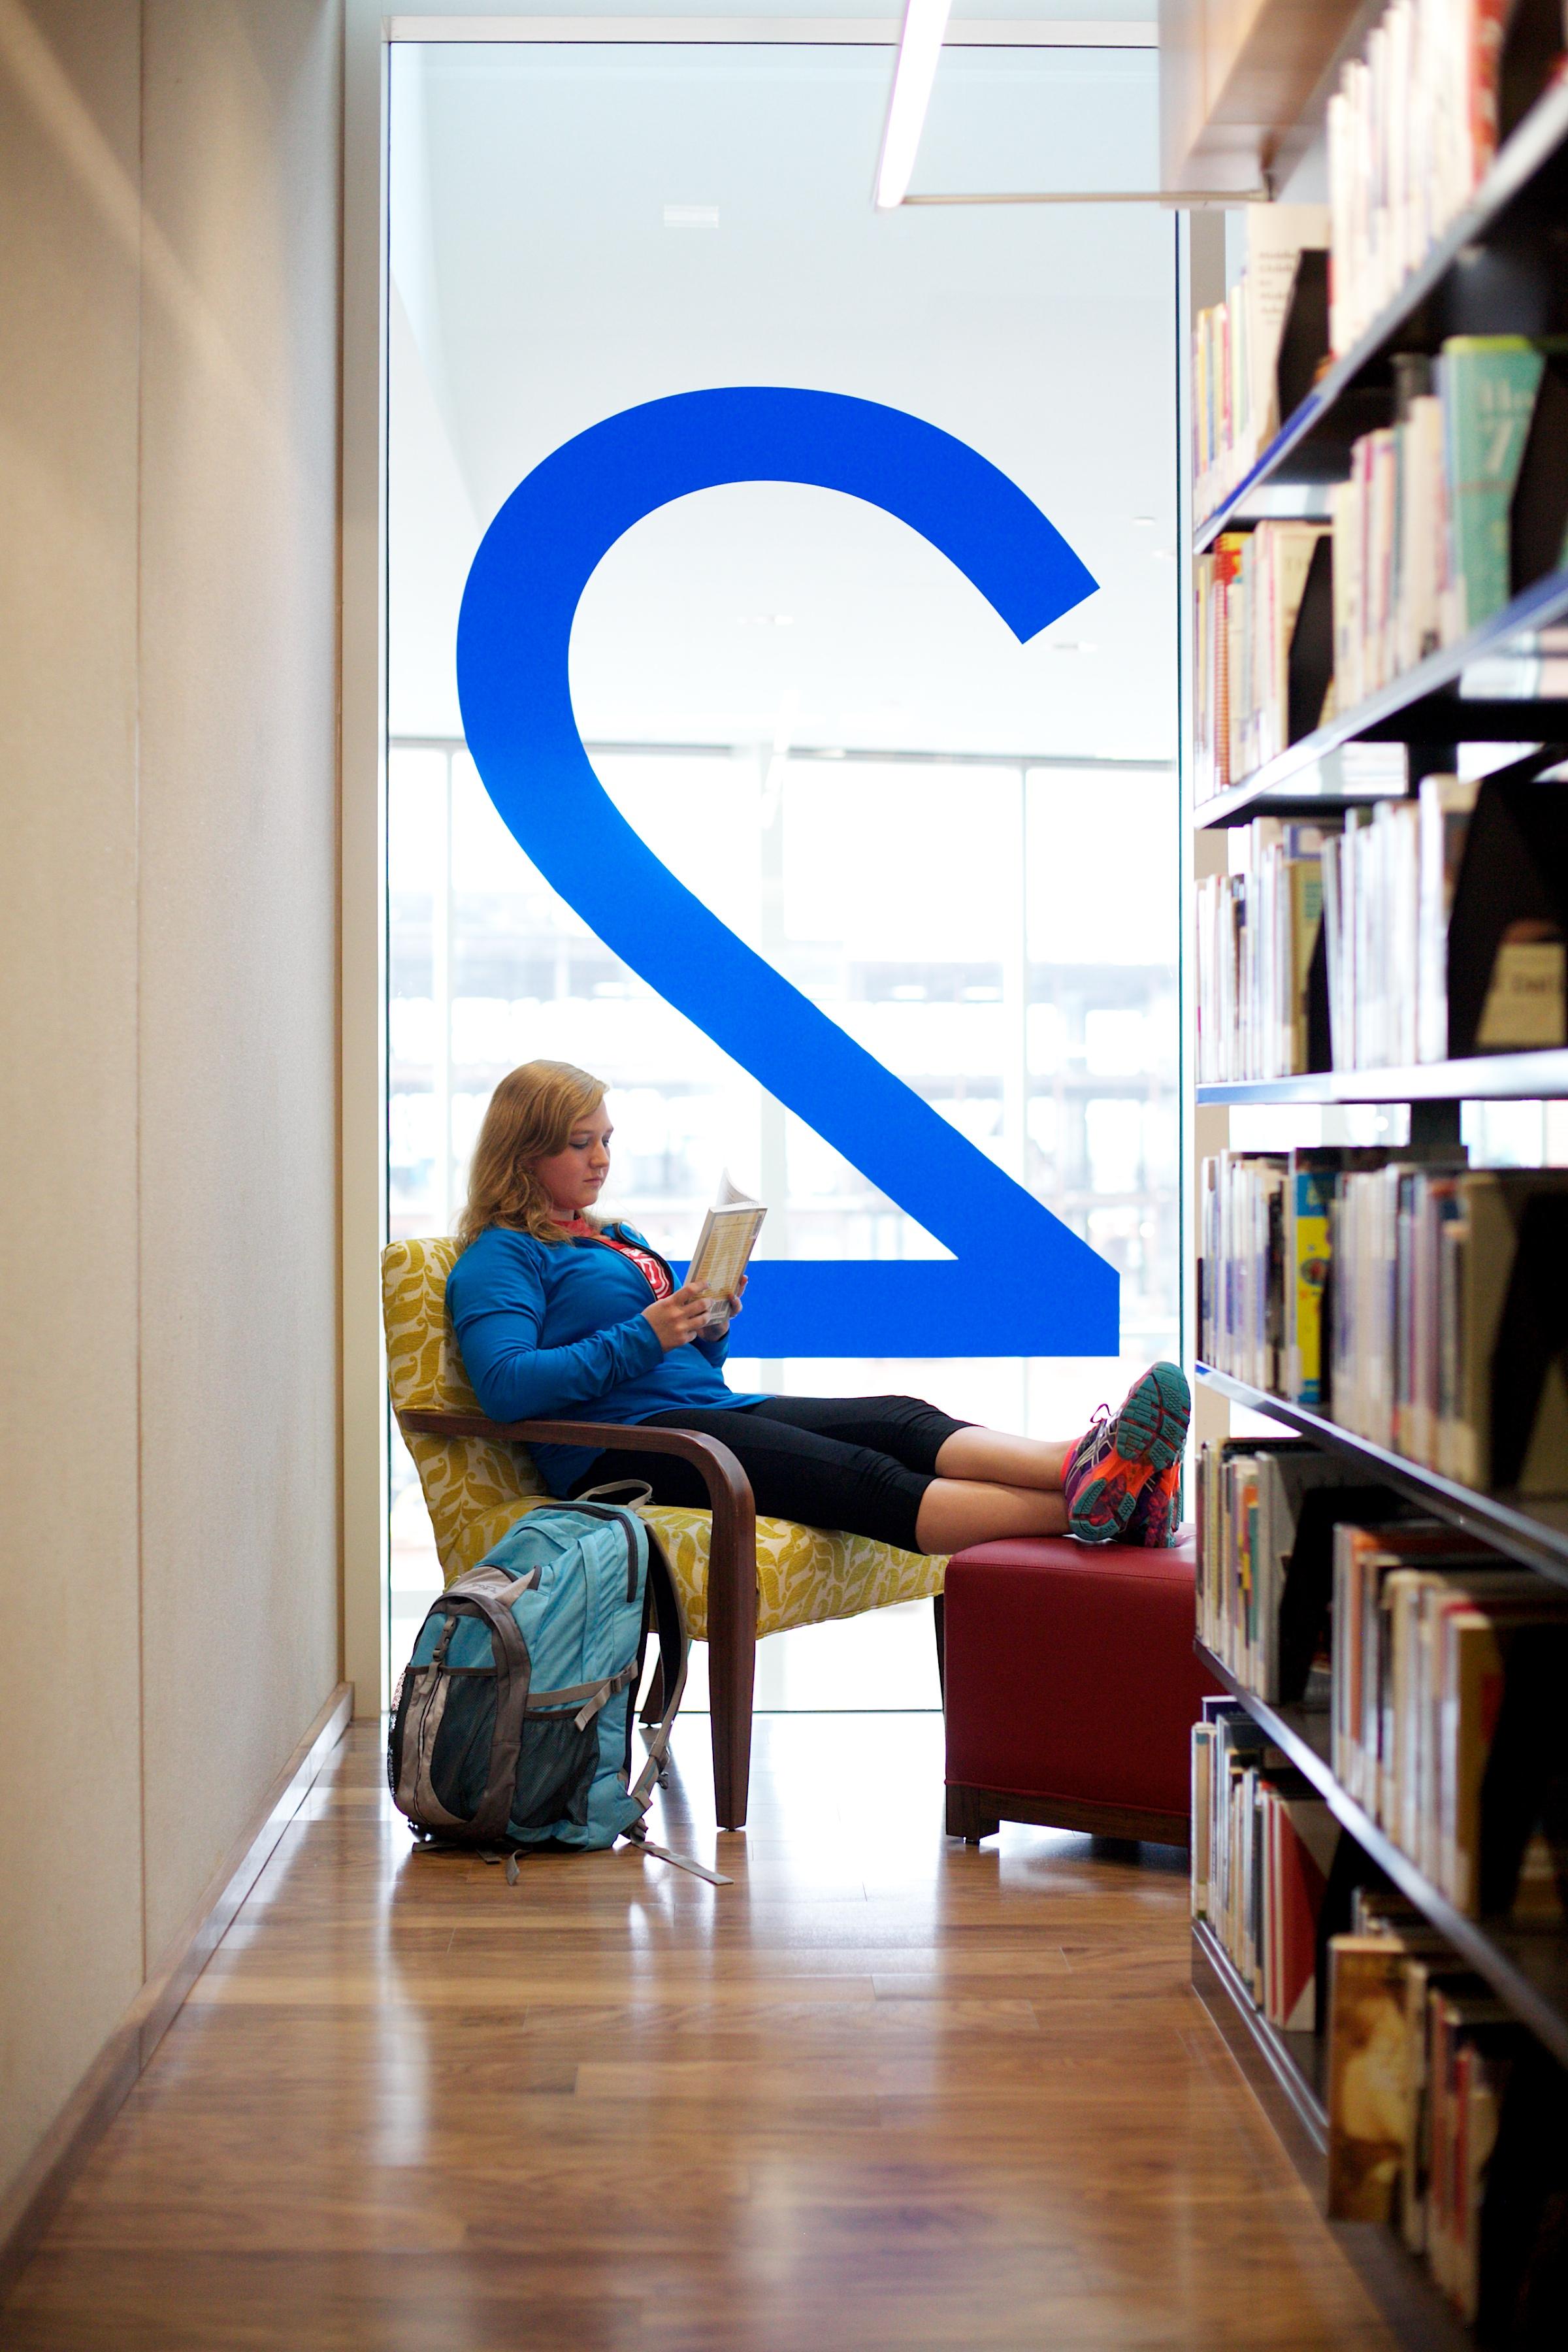 Liberty_University_Library_6